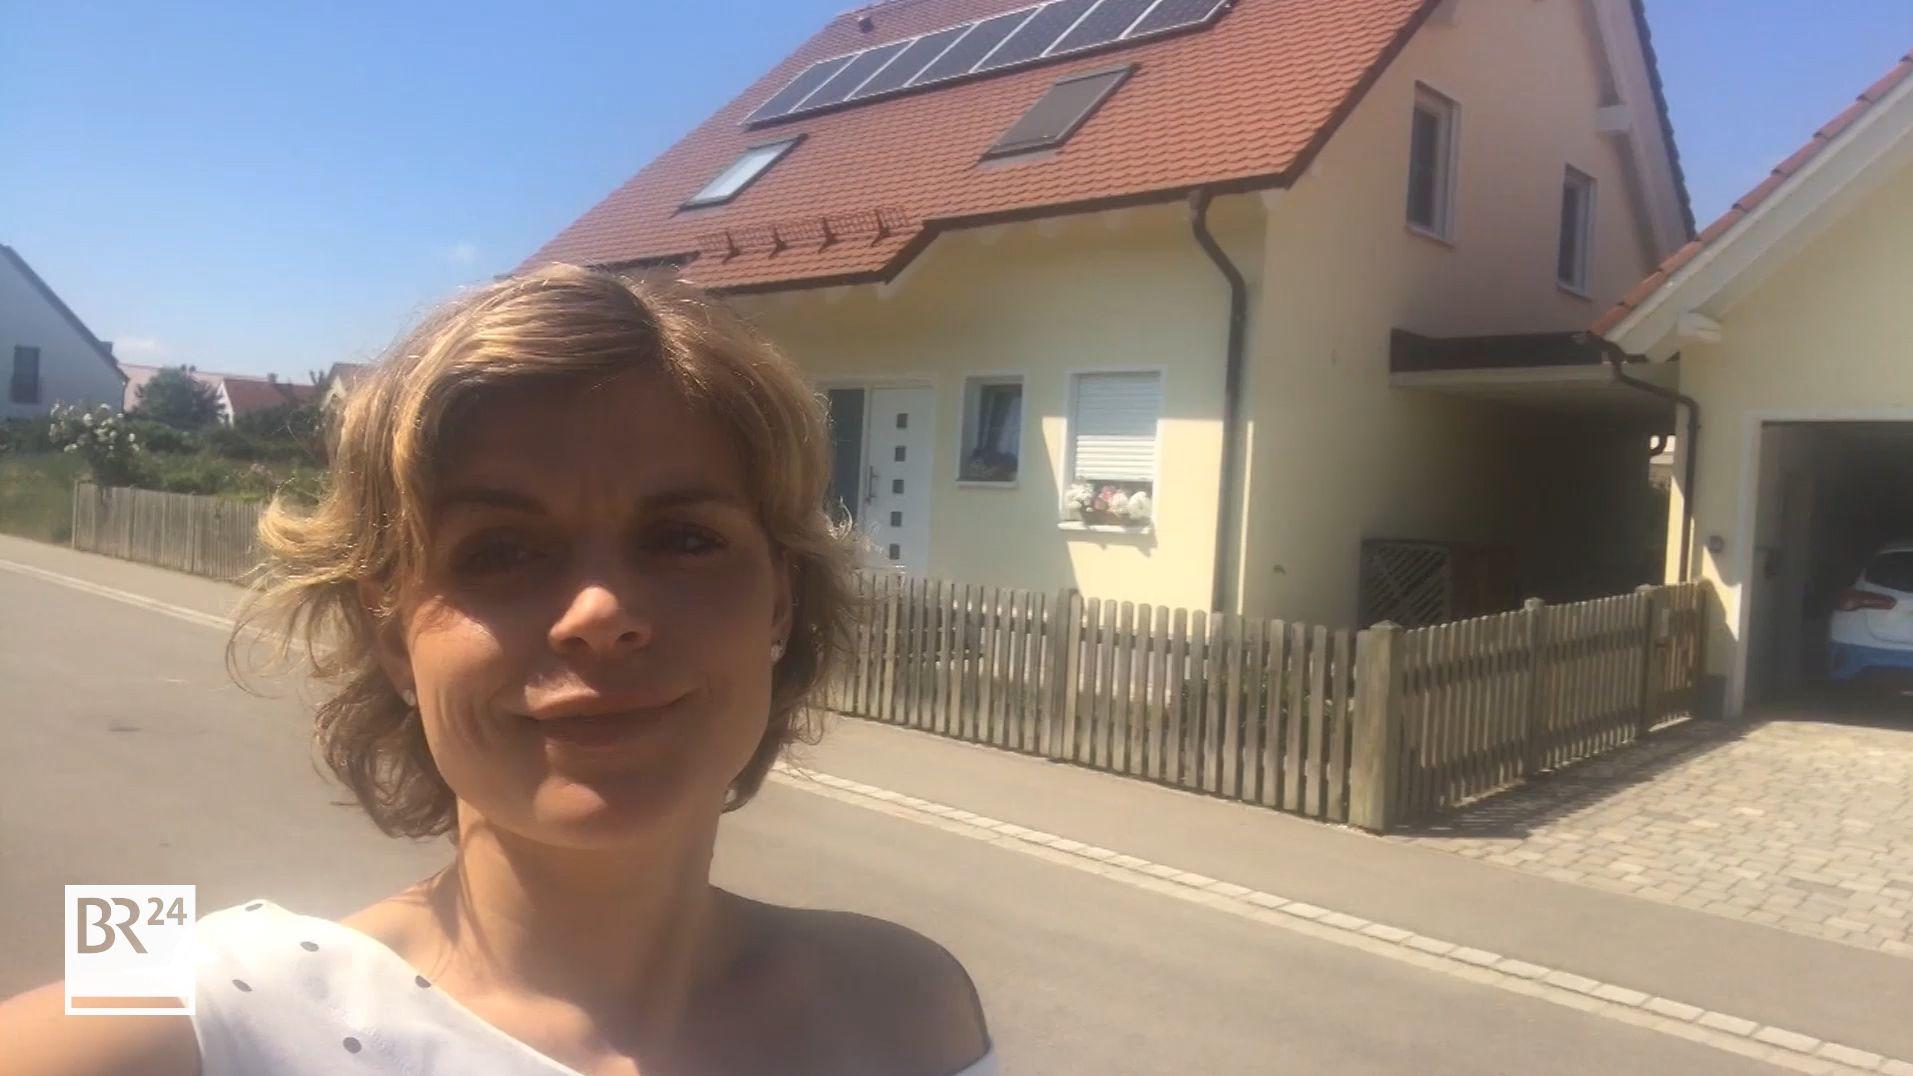 Judith Zacher, BR-Korrespondentin für die Landkreise Dillingen und Donau-Ries, will möglichst viel klimaschädliches CO2 vermeiden.